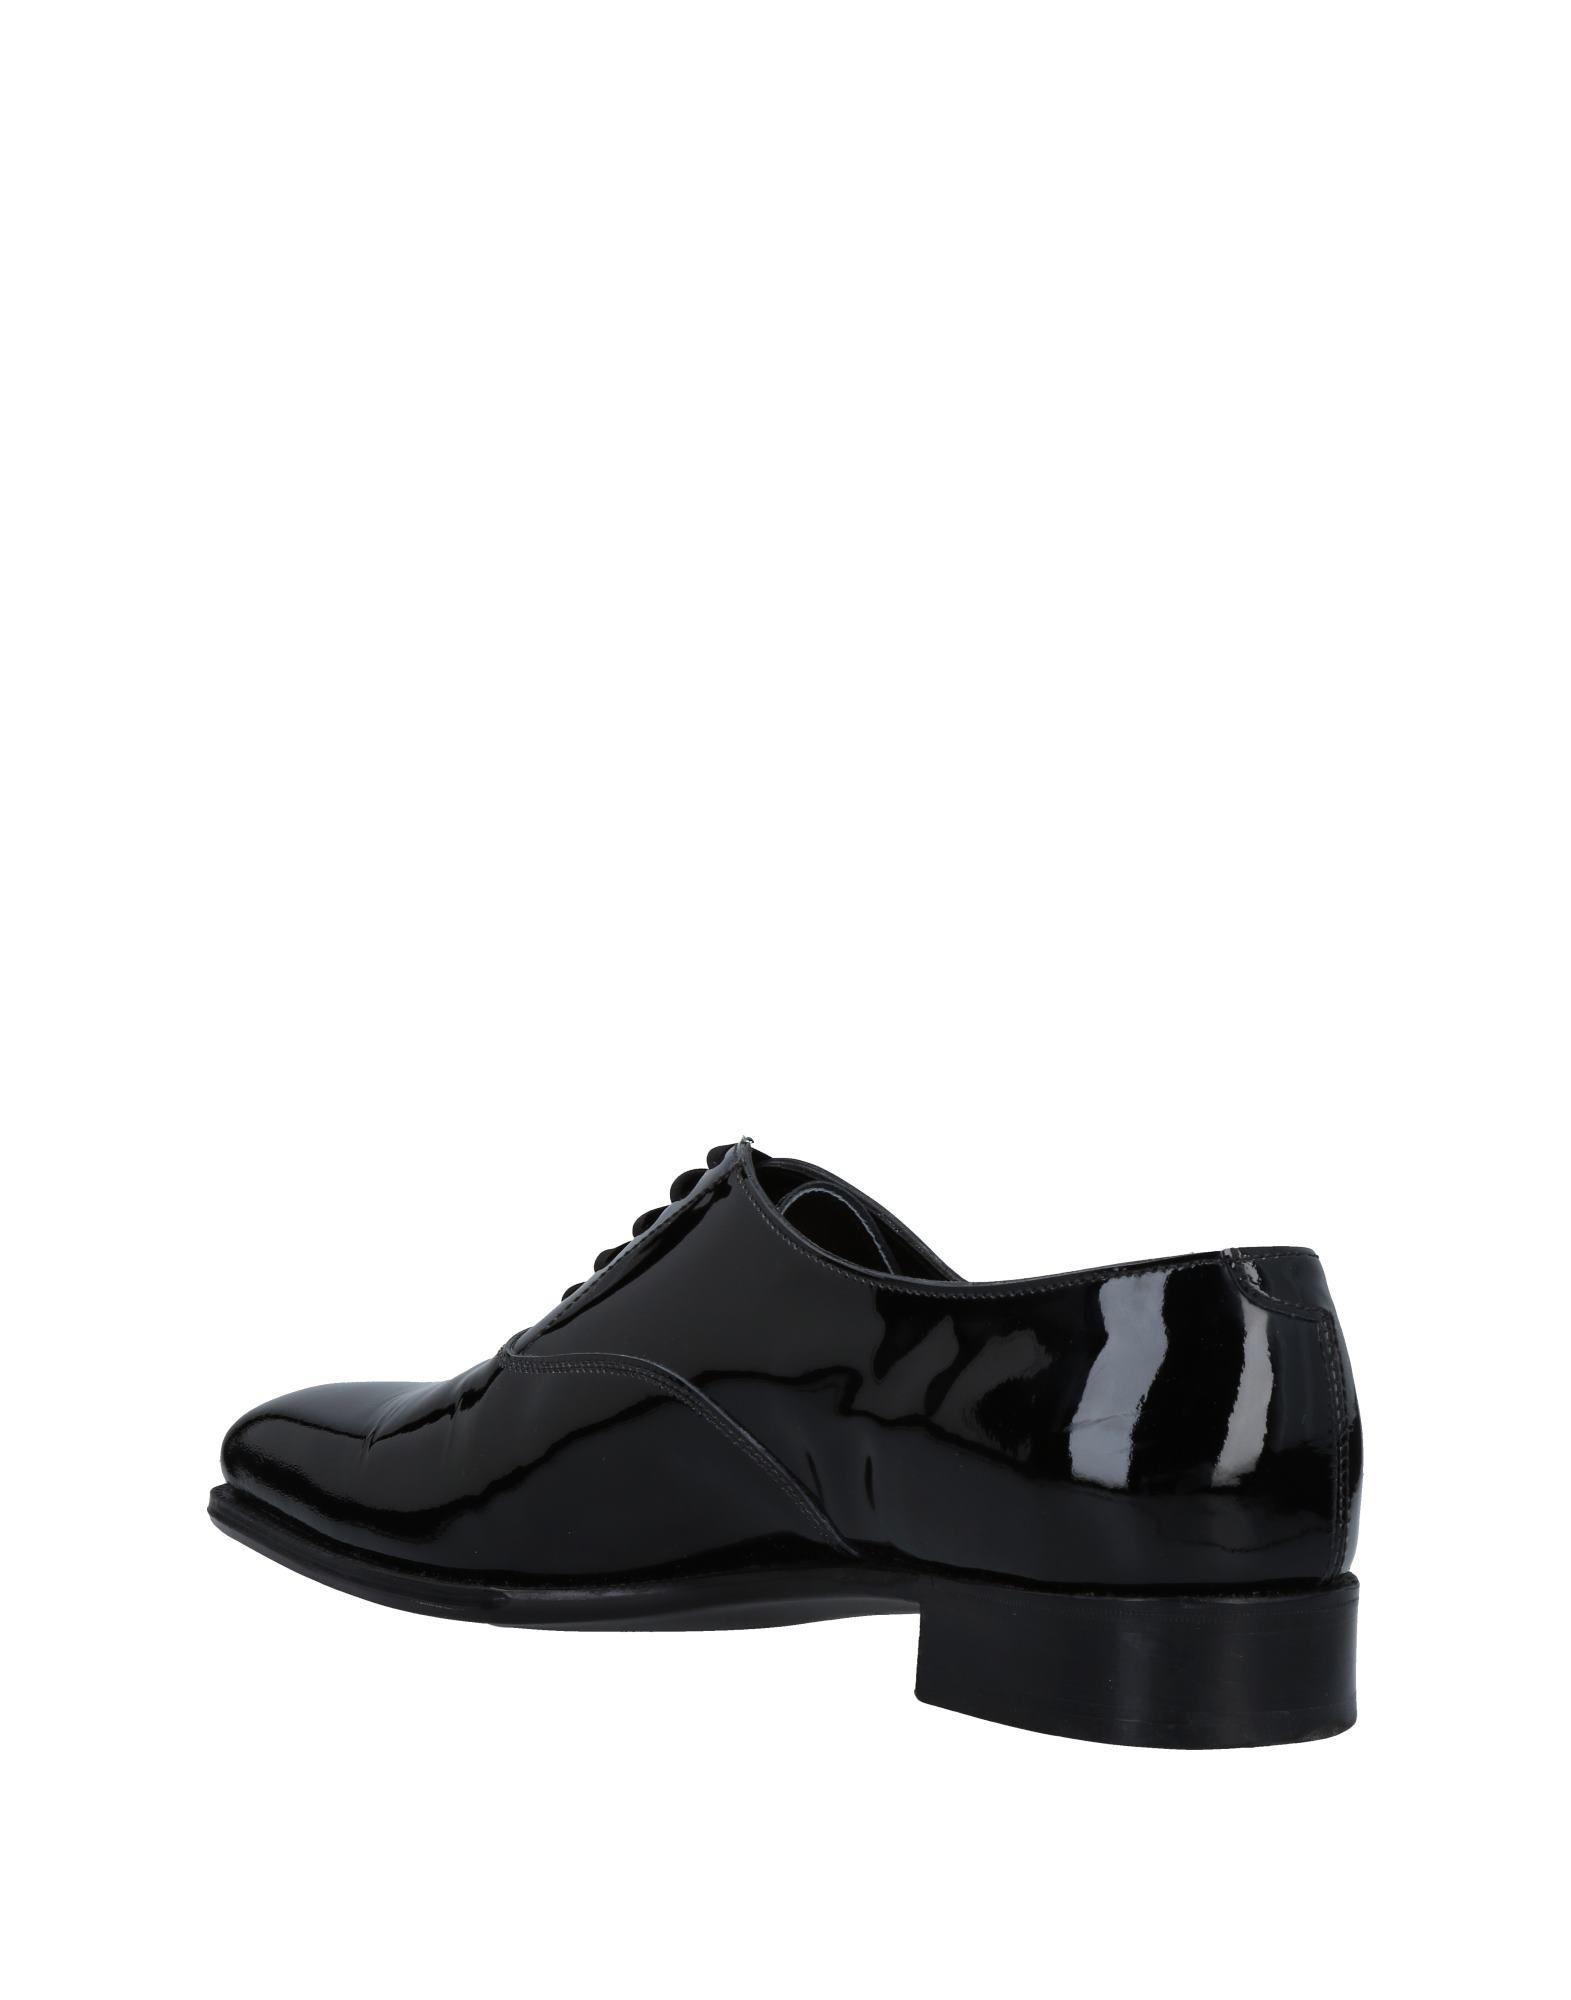 Kingsman By George Cleverley Gute Schnürschuhe Herren  11477421NR Gute Cleverley Qualität beliebte Schuhe a111a9